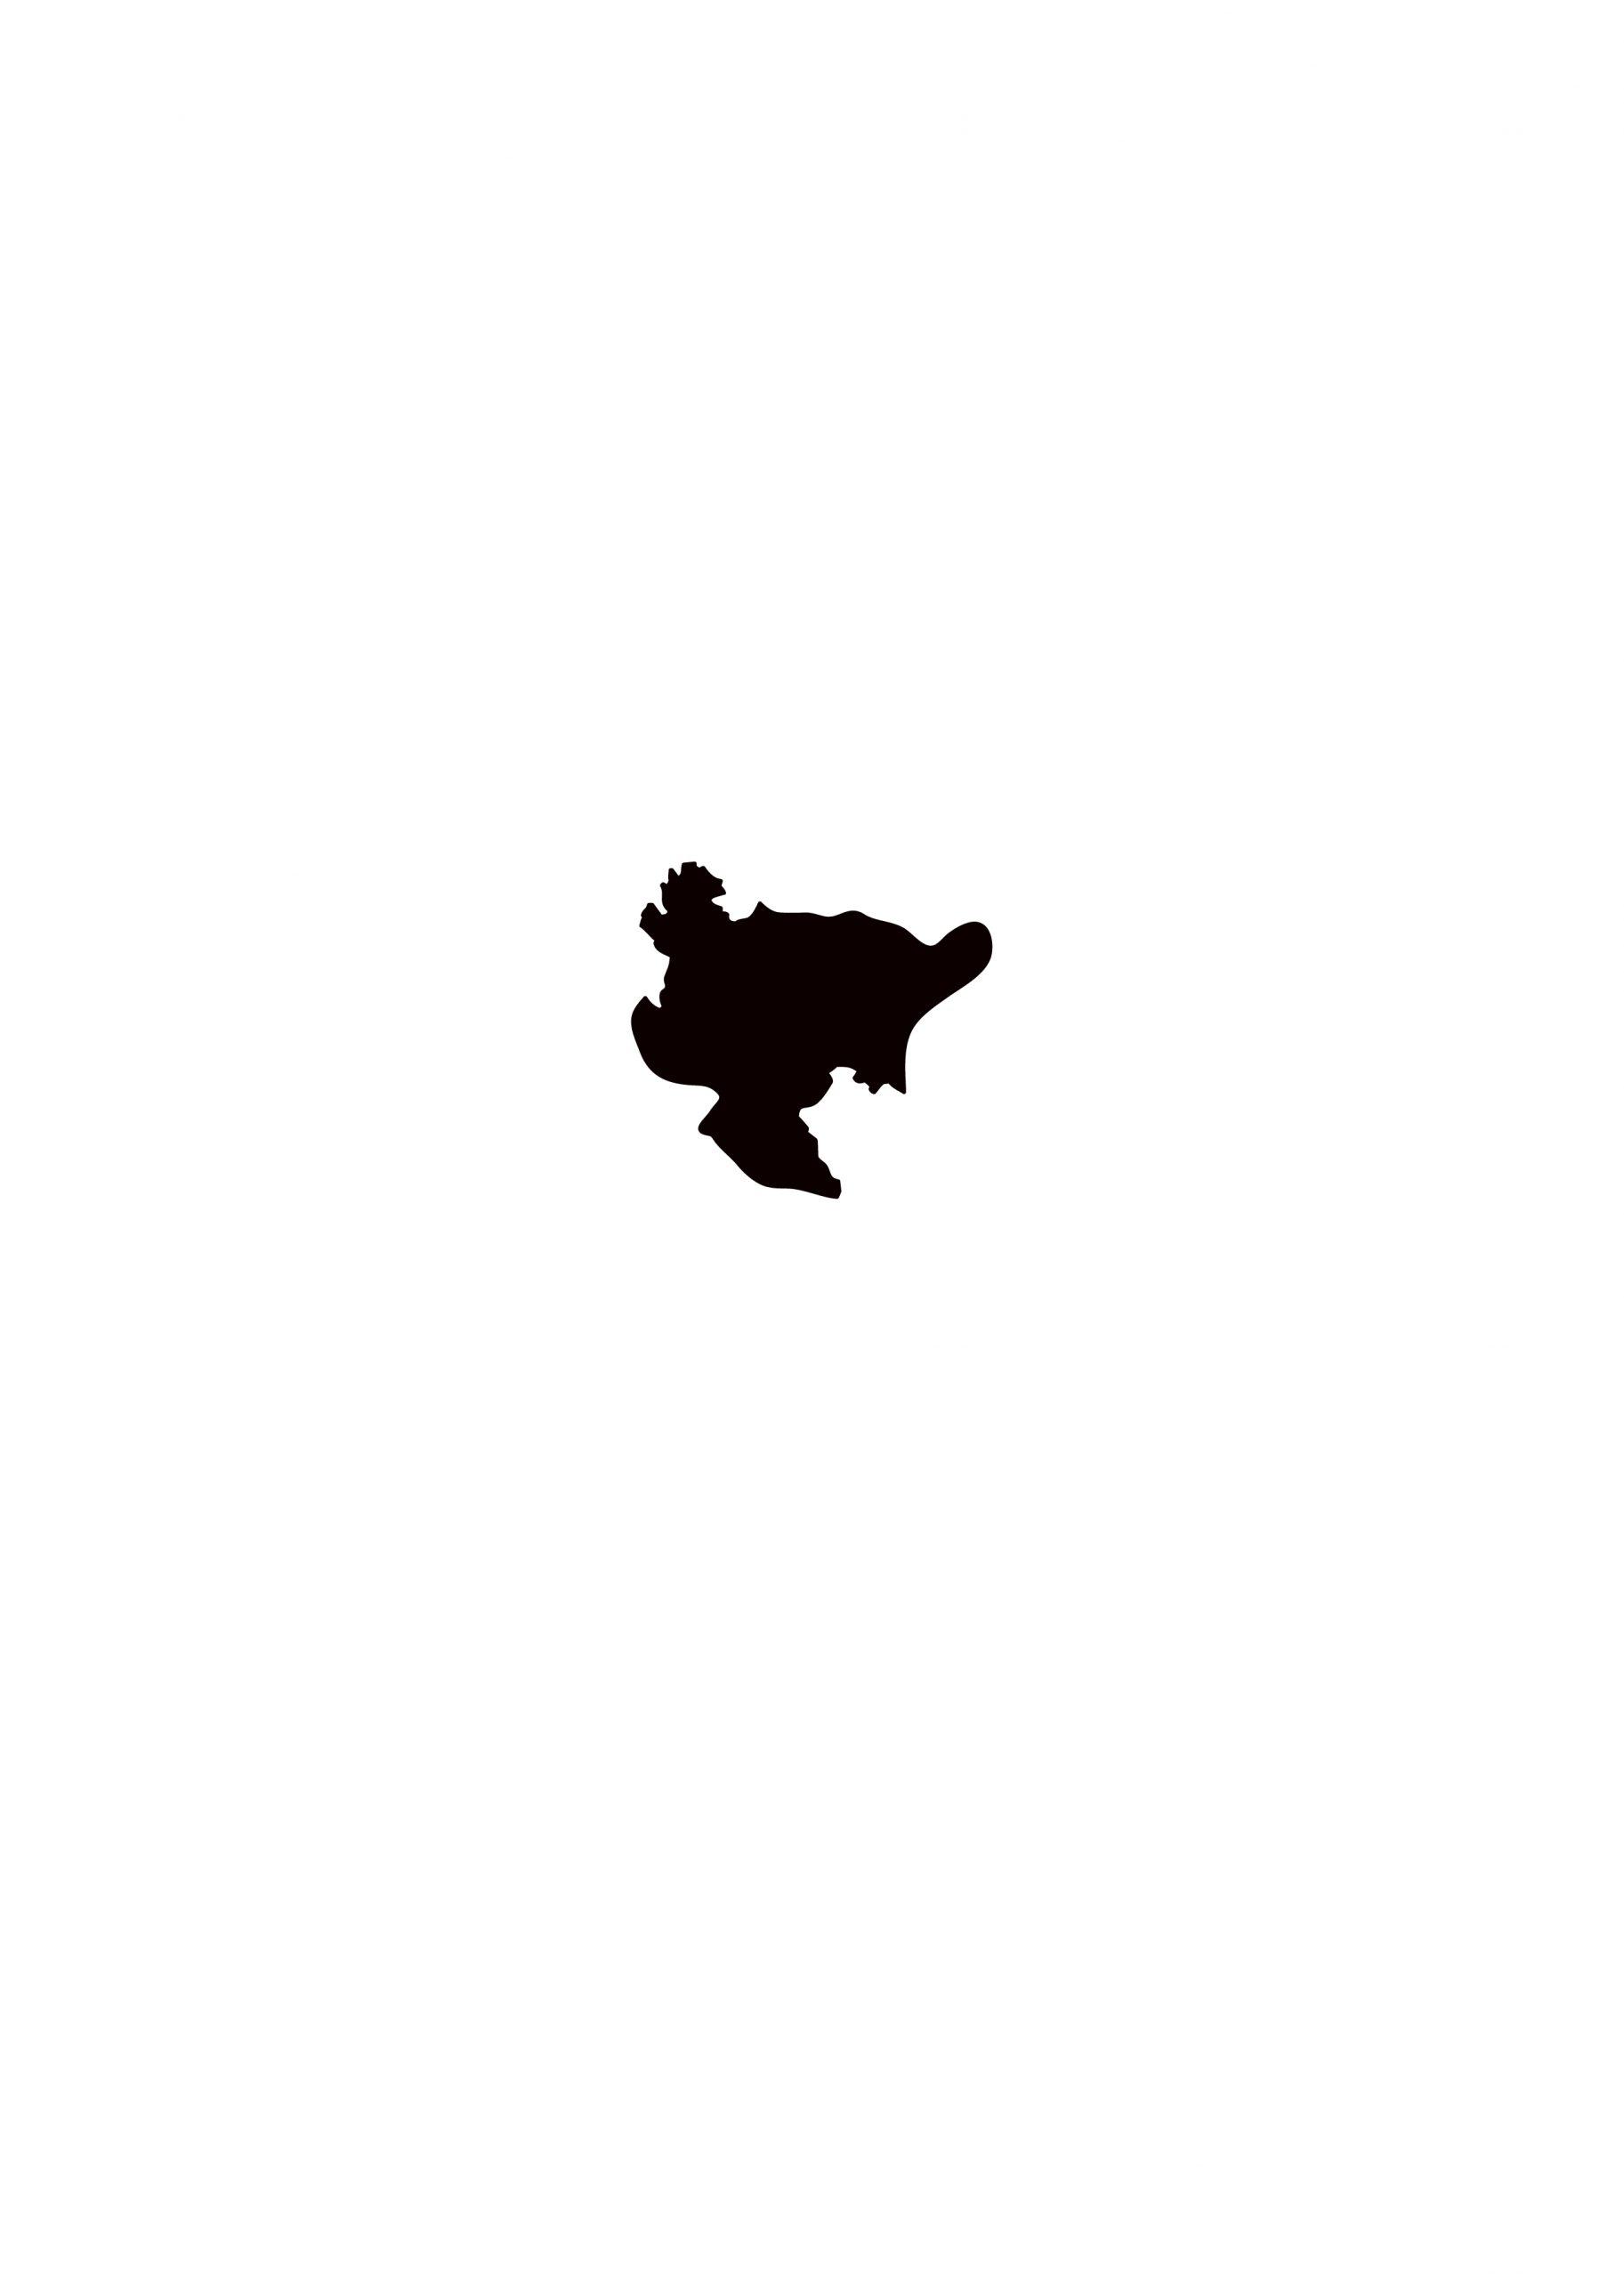 佐賀県無料フリーイラスト|文字なし(黒)